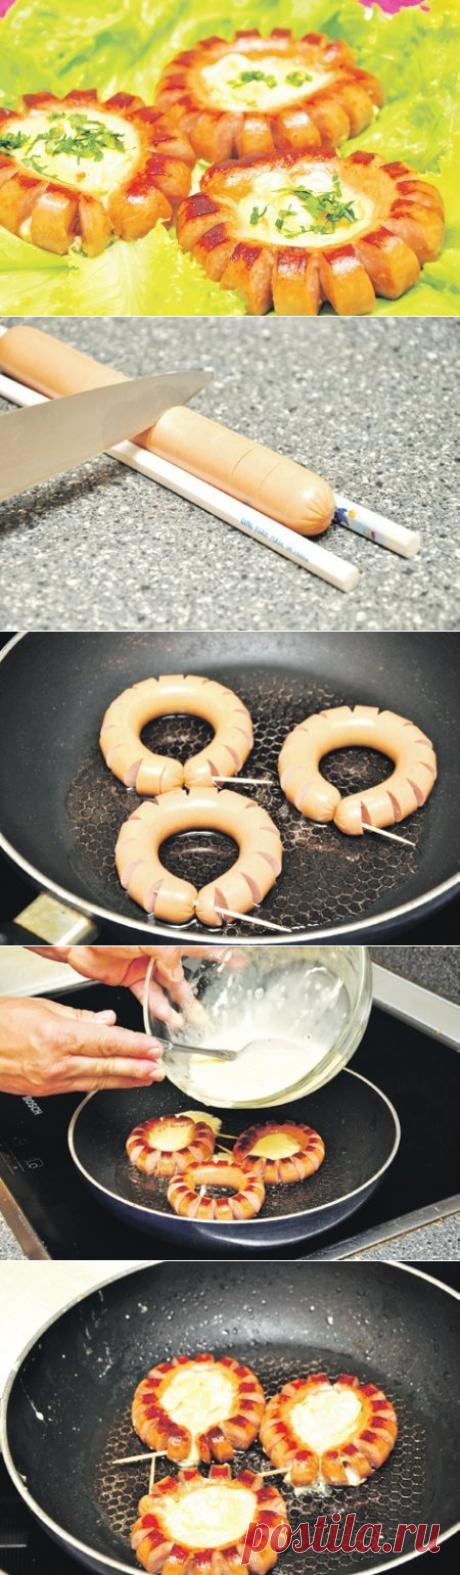 Как приготовить яйцо в сосиске - рецепт, ингридиенты и фотографии